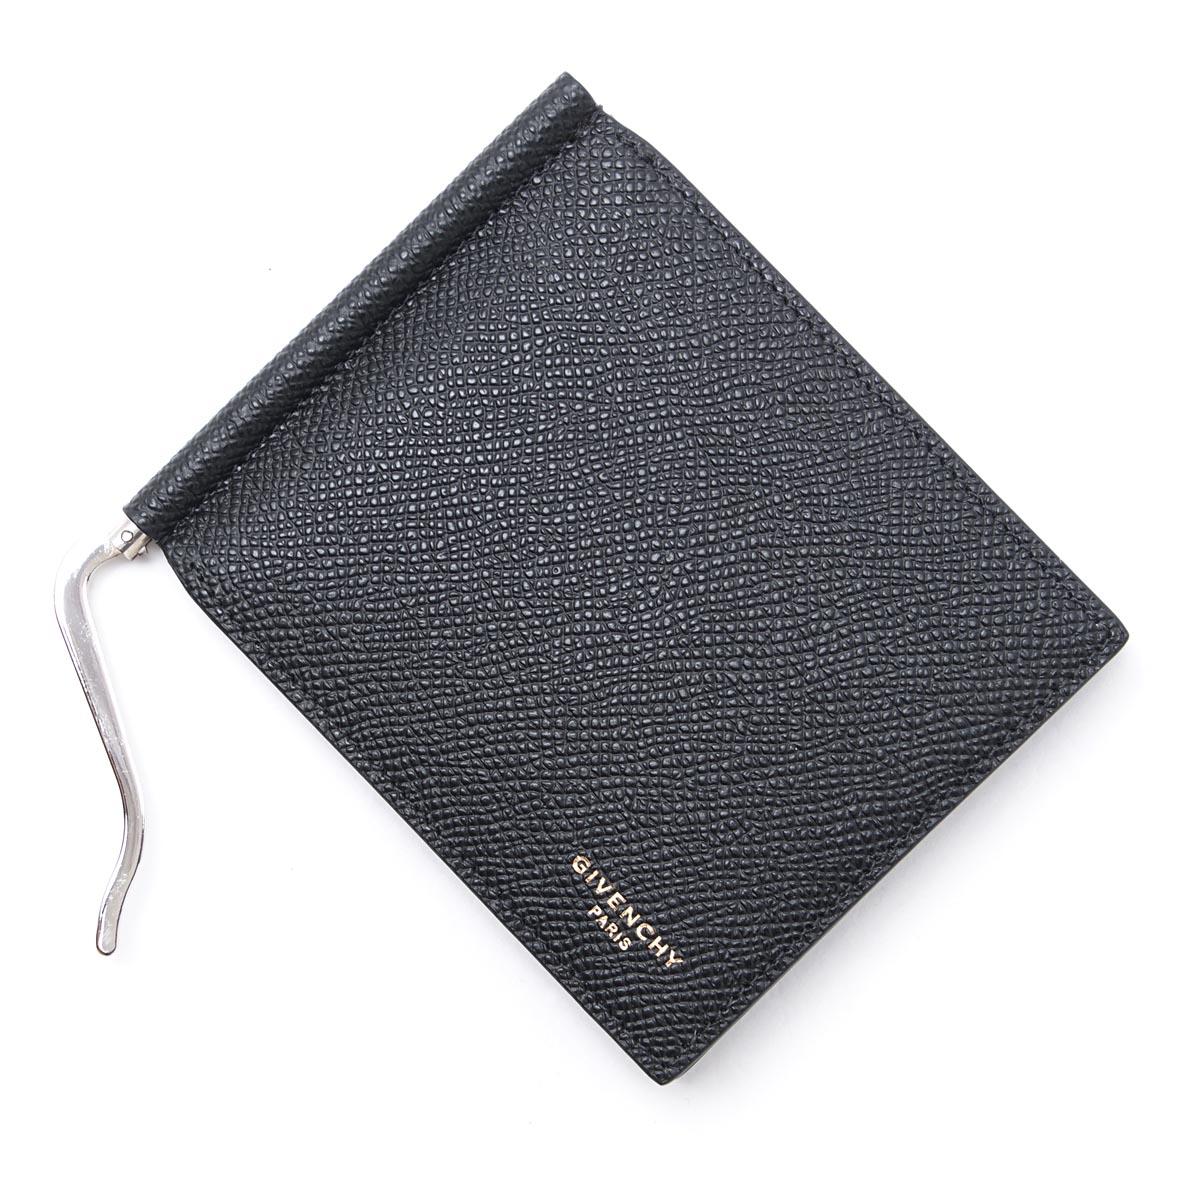 ジバンシー GIVENCHY マネークリップ 財布 ブラック メンズ bk06025121 001【あす楽対応_関東】【返品送料無料】【ラッピング無料】